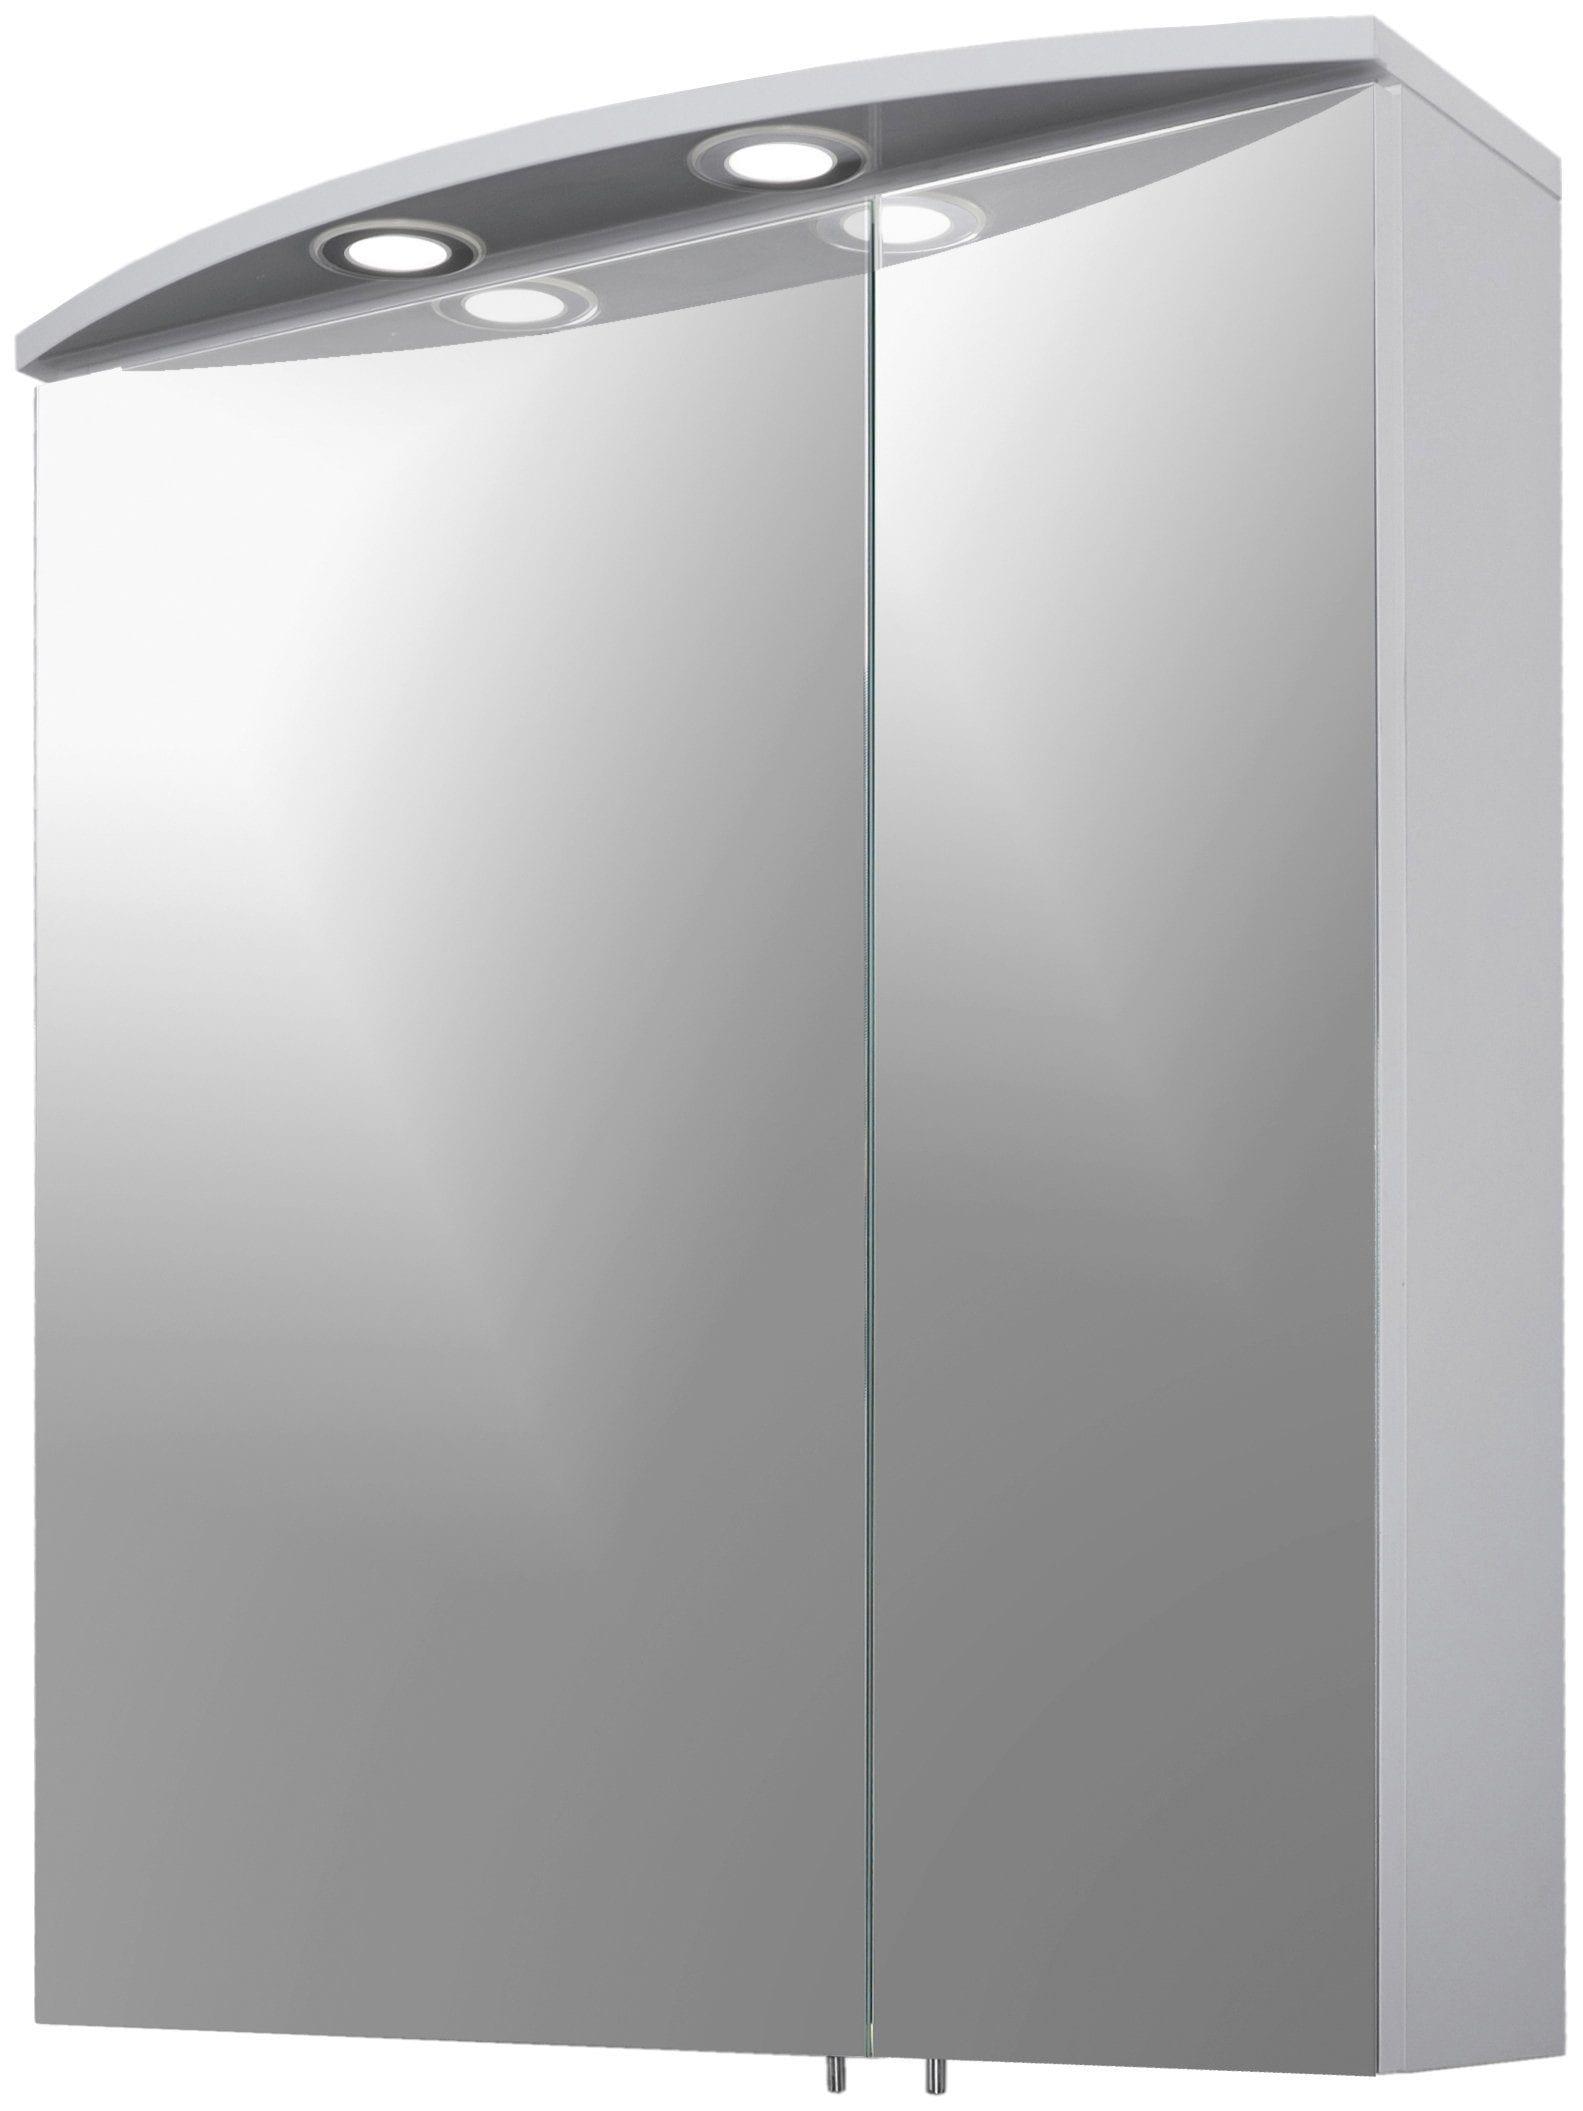 Schildmeyer Spiegelschrank Verona, Breite 60 cm, 2-türig, 2 LED-Einbaustrahler, Schalter-/Steckdosenbox, Glaseinlegeböden, Made in Germany